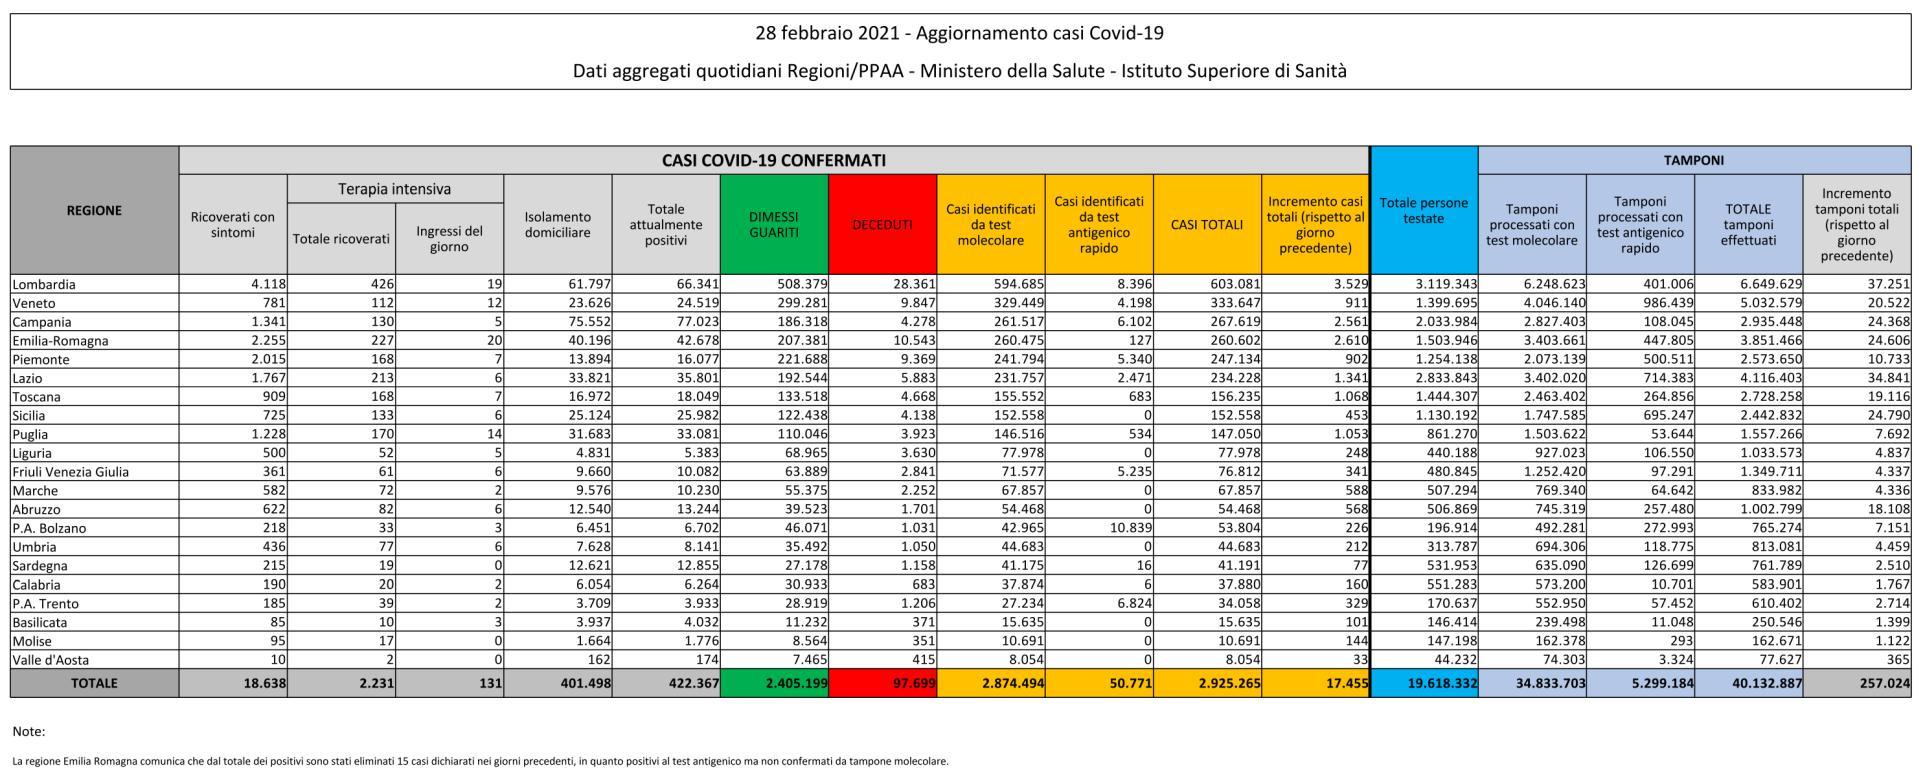 28 febbraio 2021 - Aggiornamento casi Covid-19 Dati aggregati quotidiani Regioni/PPAA - Ministero della Salute - Istituto Superiore di Sanità